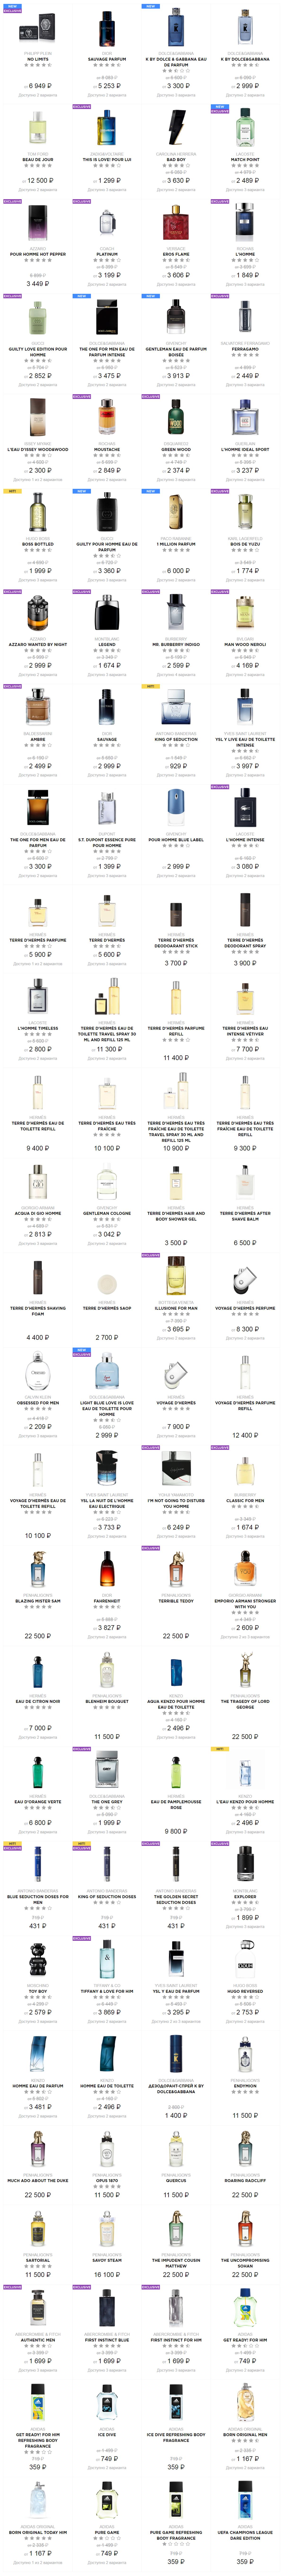 Каталог Летуаль - Мужская парфюмерия